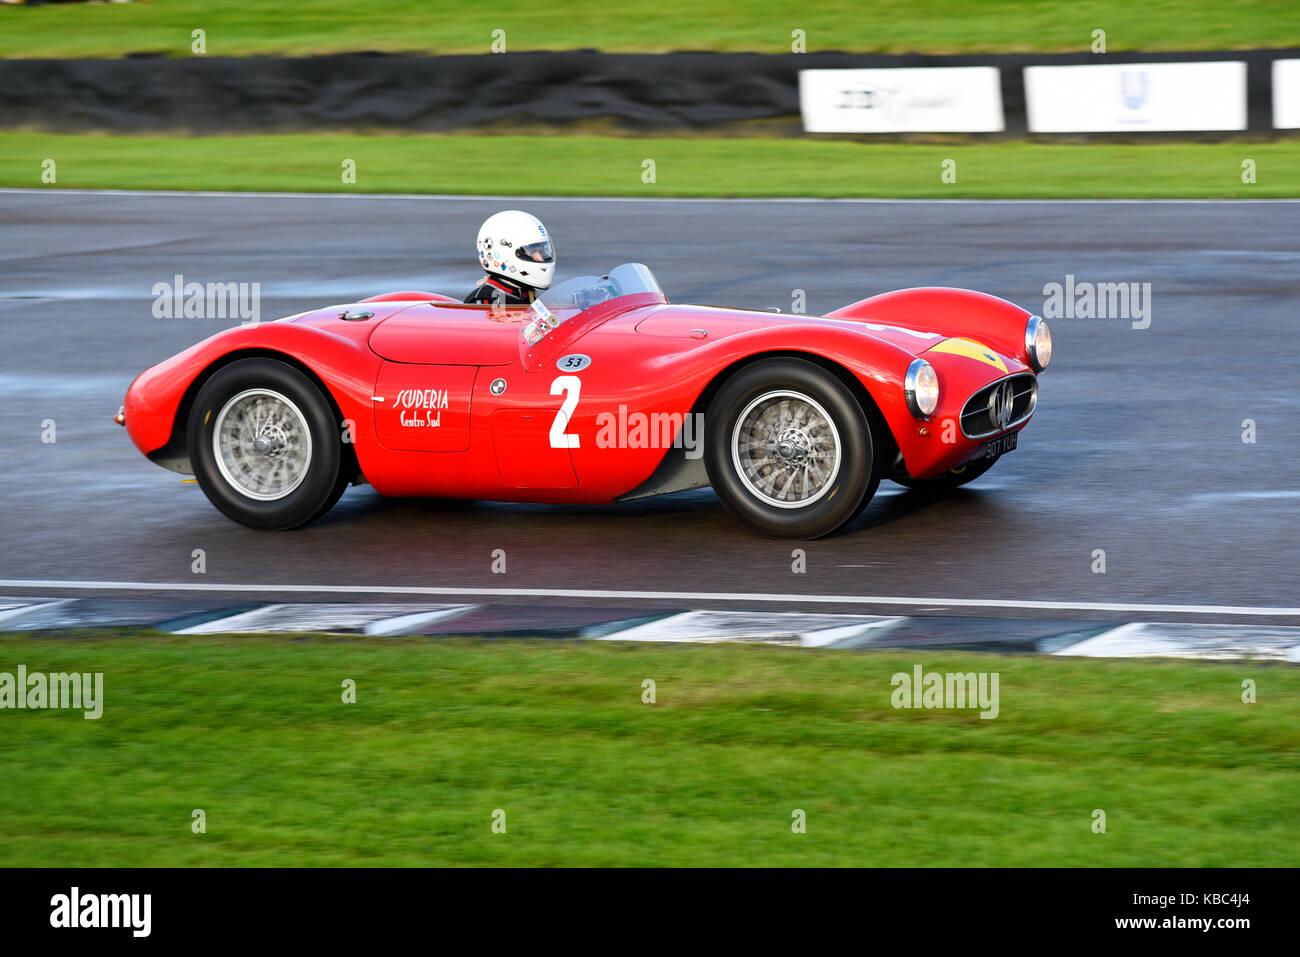 1955 Maserati A6GCS im Besitz und unter der Leitung von Manuel Elicabe racing in der Freddie März Memorial Stockbild